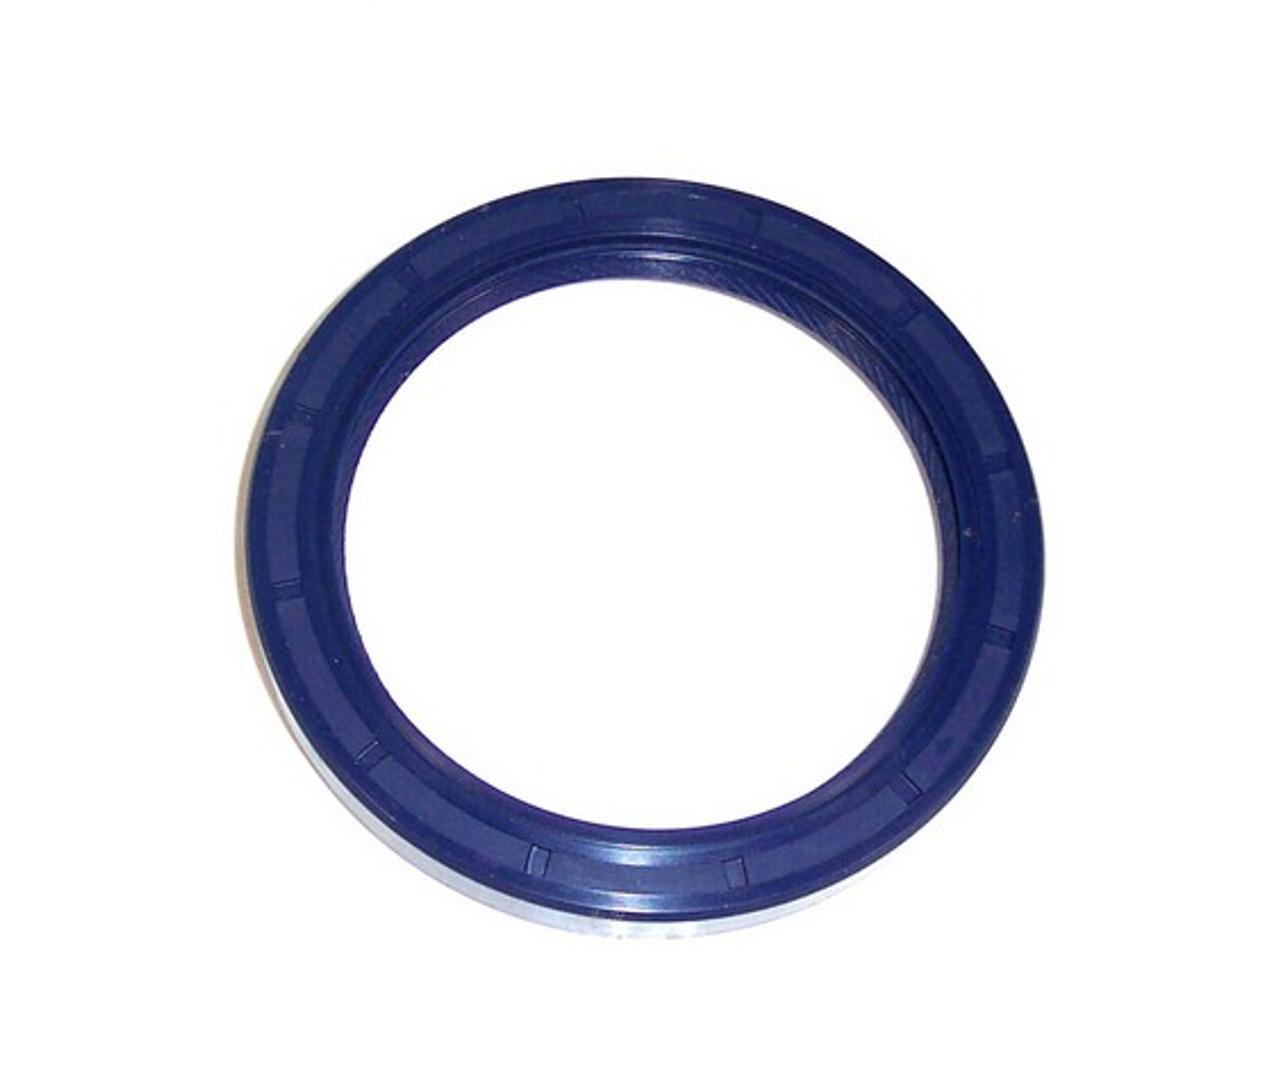 Crankshaft Seal 1.8L 2001 Acura Integra - RM205.21